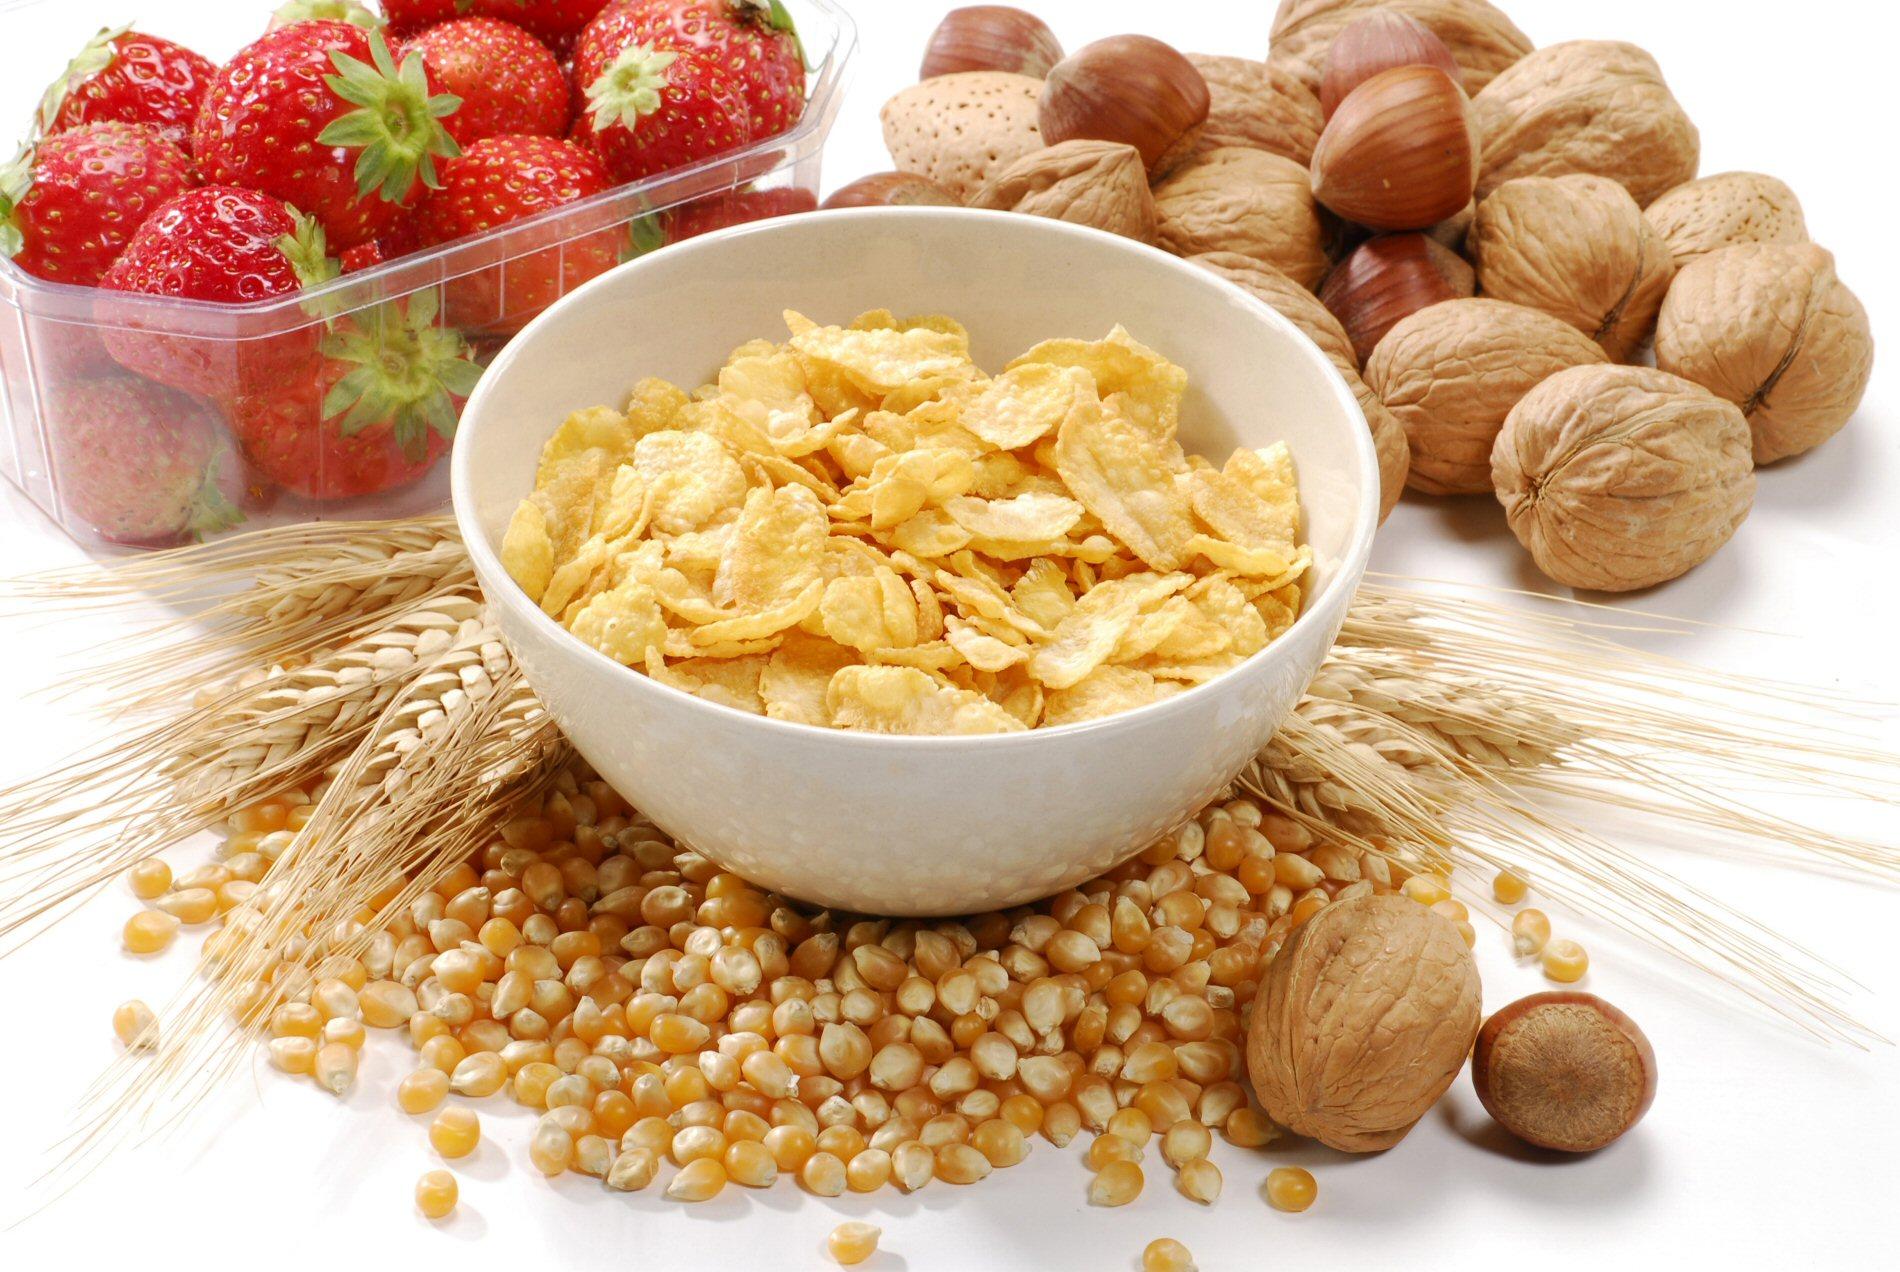 dieta e colazione